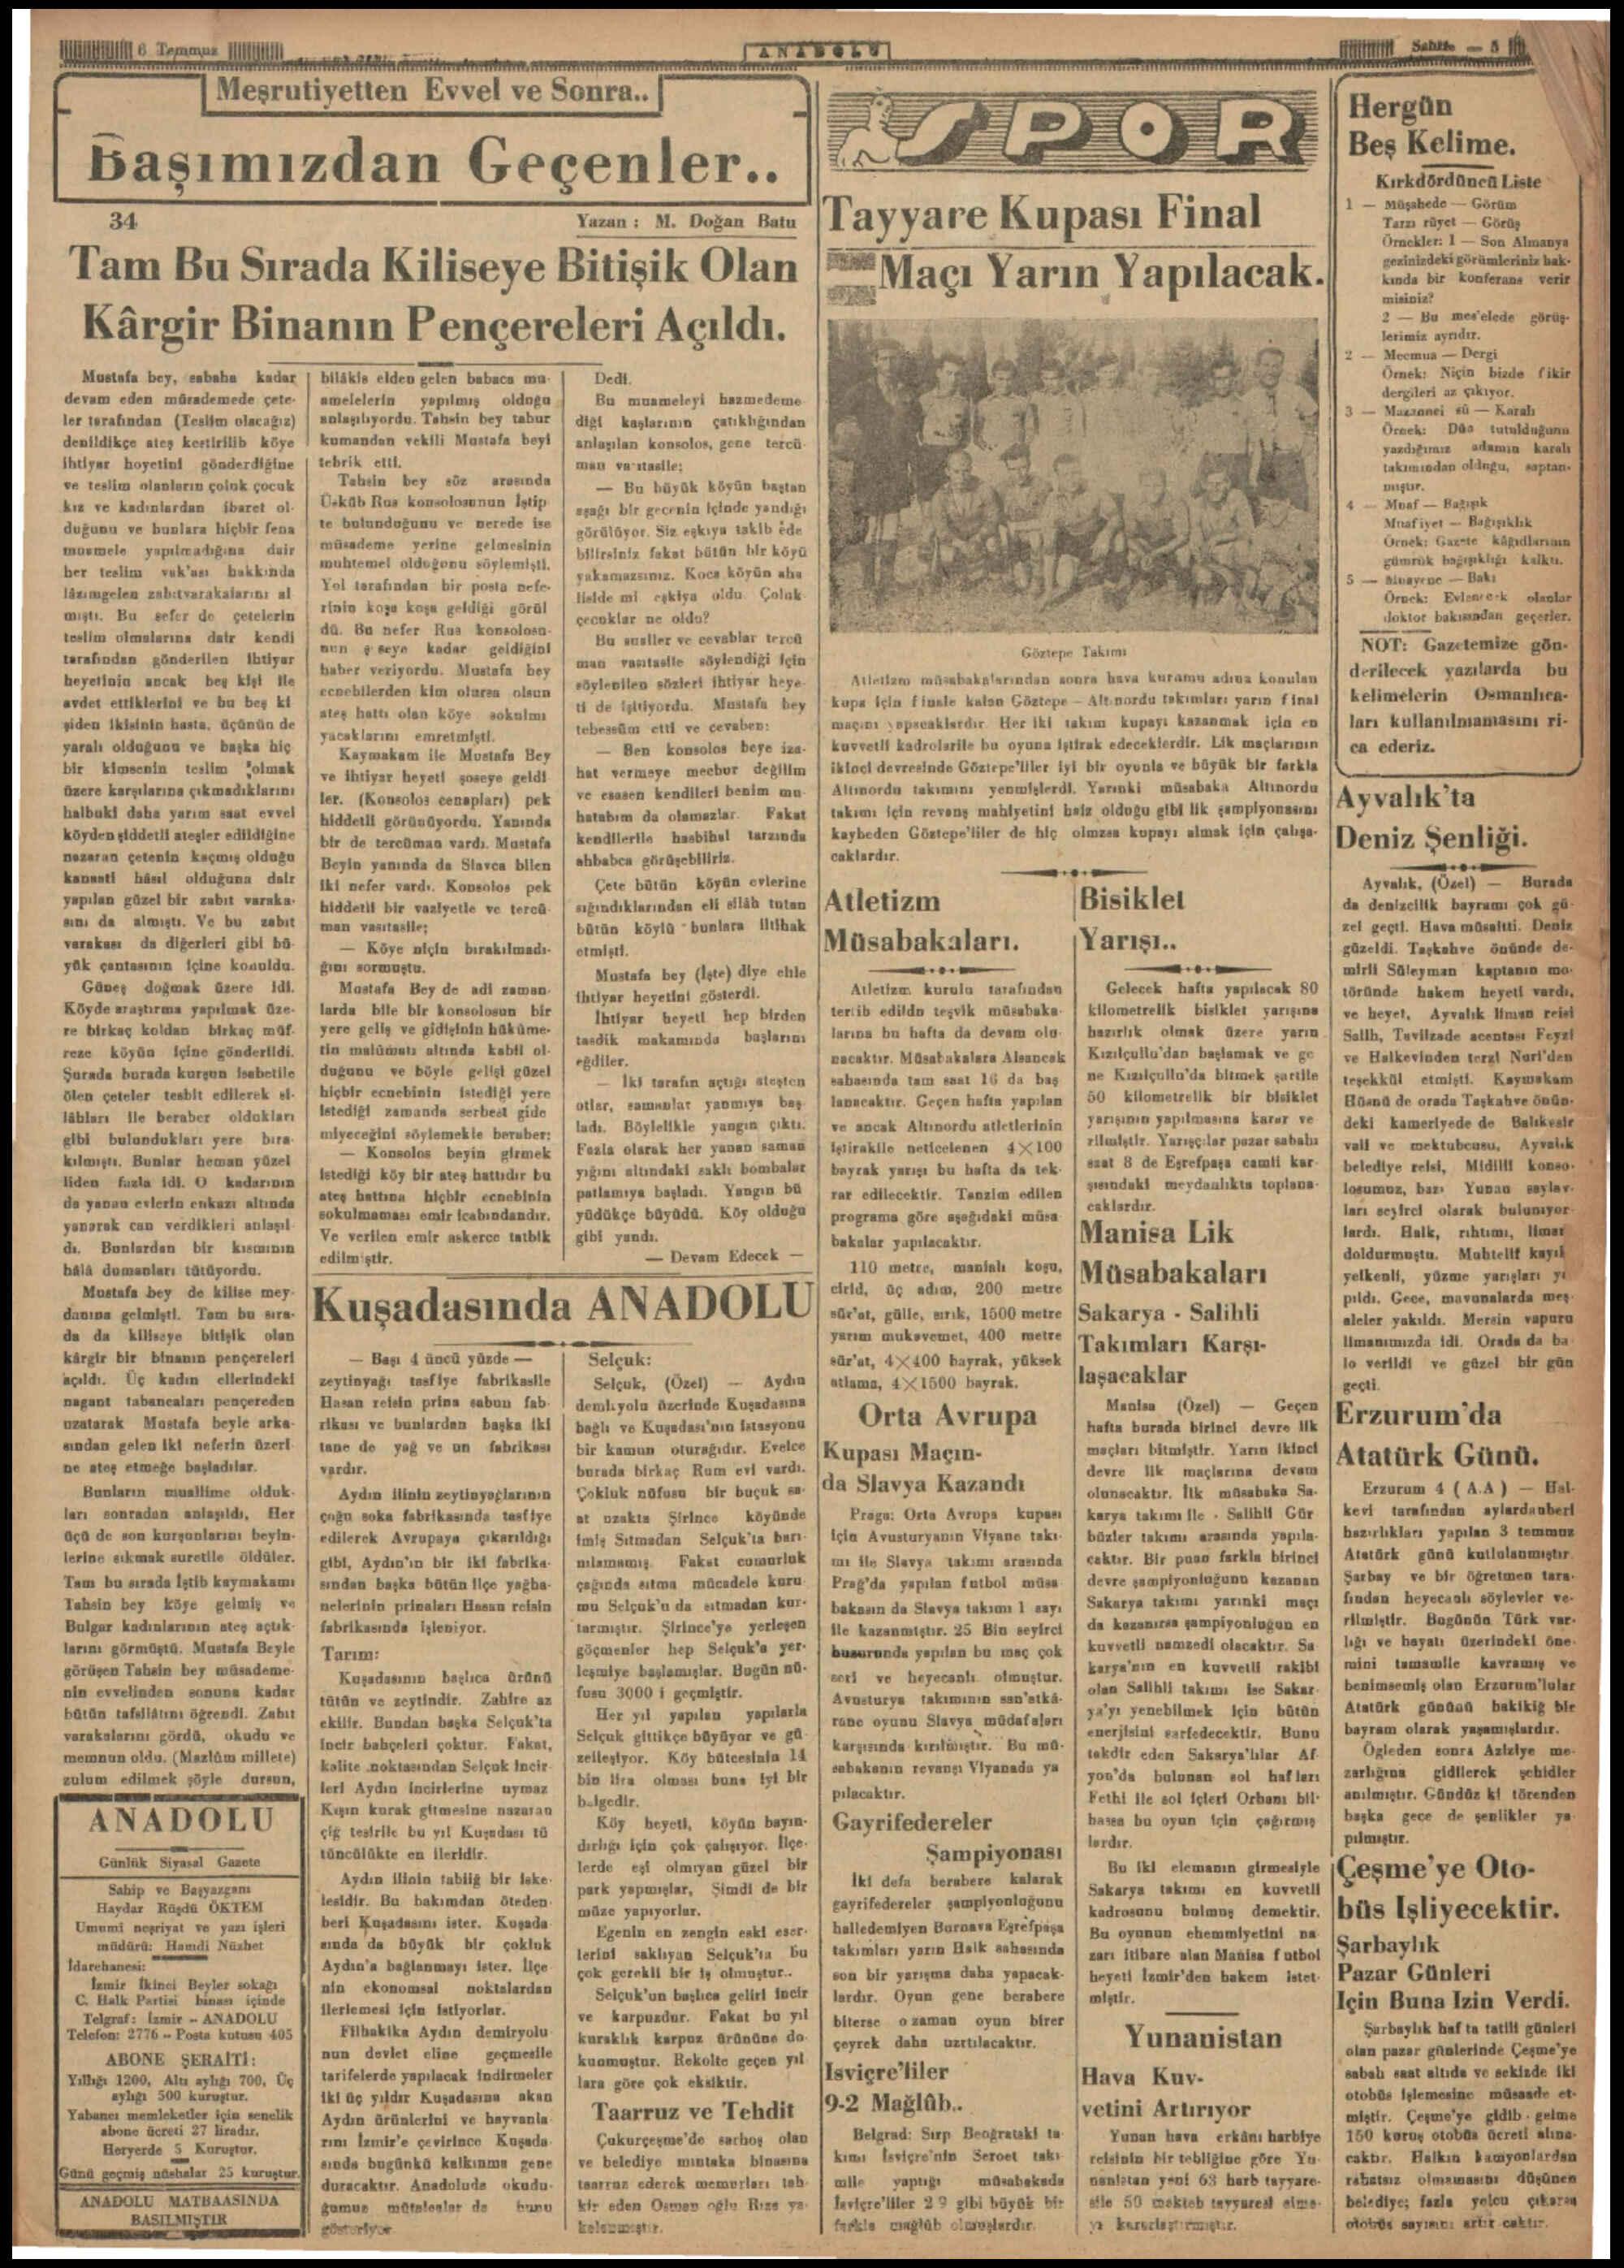 6 Temmuz 1935 Tarihli Anadolu Dergisi Sayfa 5